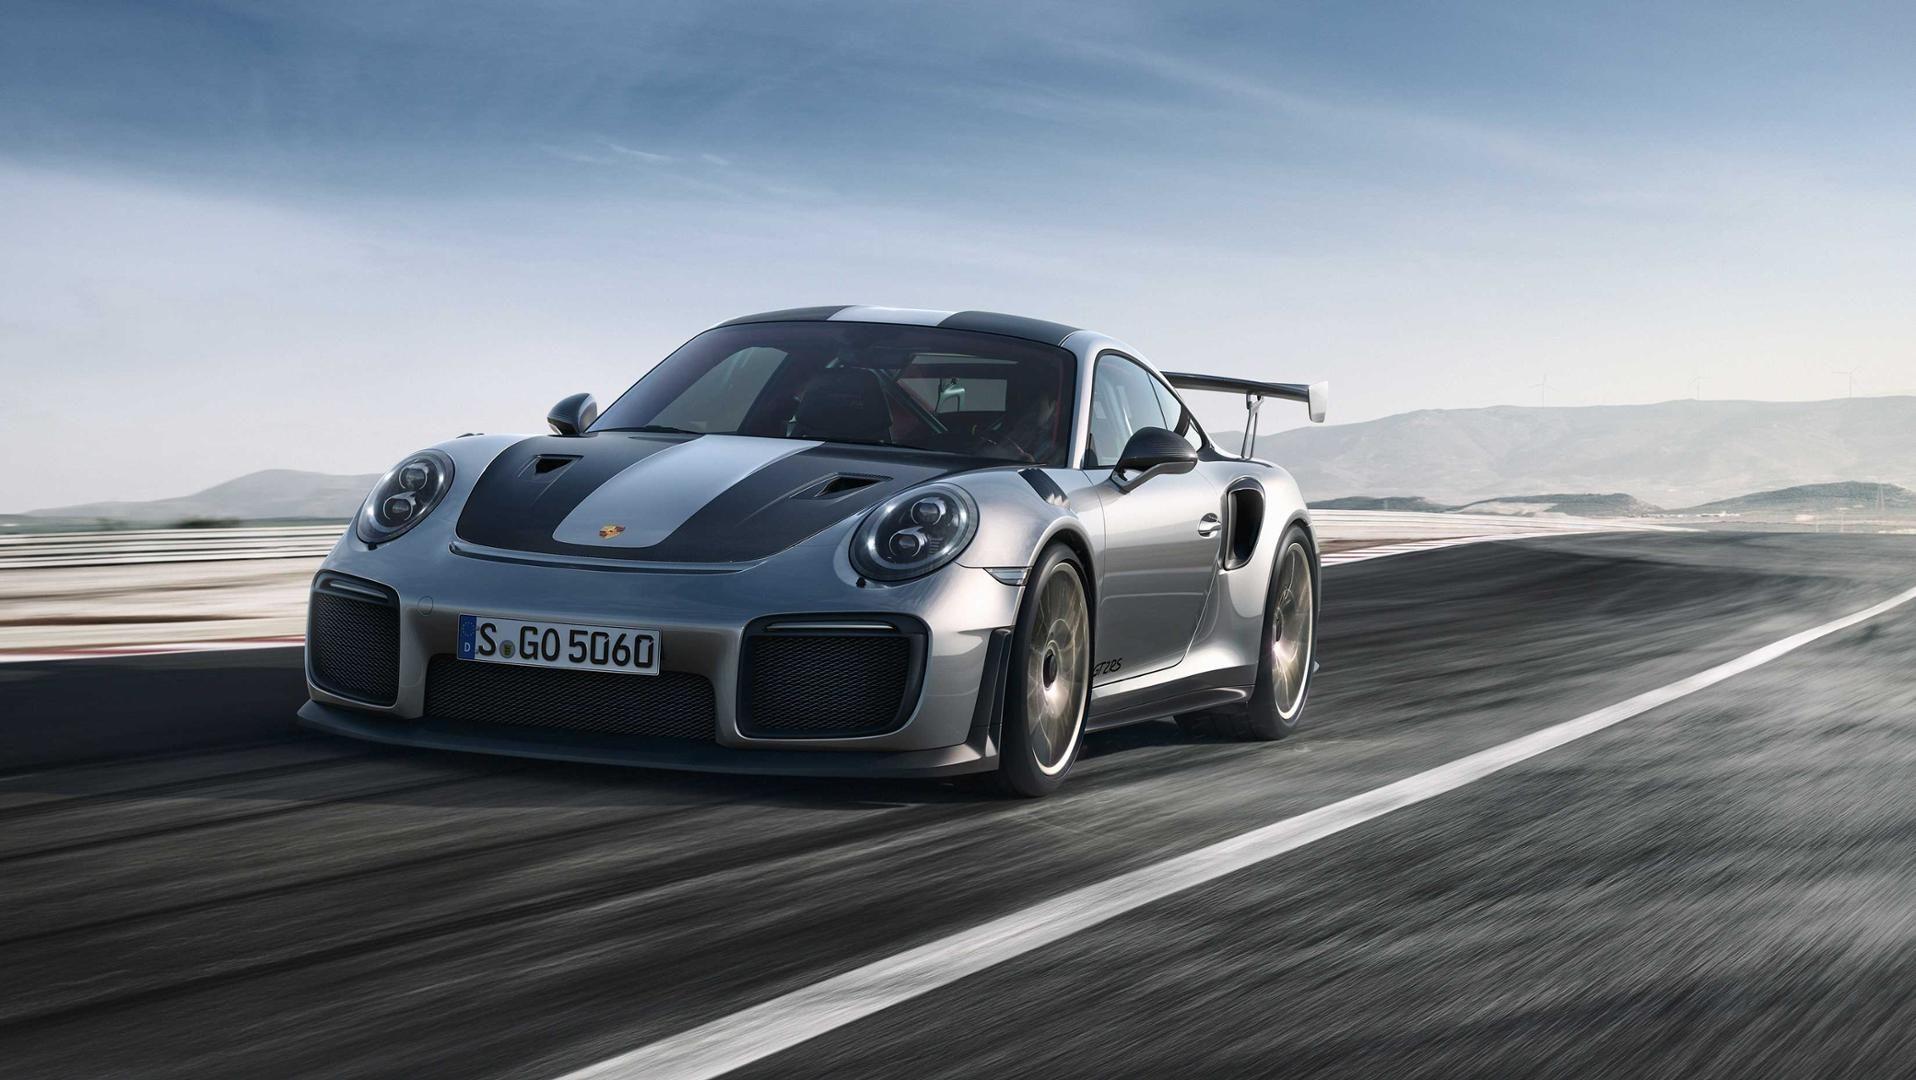 Фотографии 2018 Porsche 911 GT2 RS просочились через форум Porsche Rennlist.